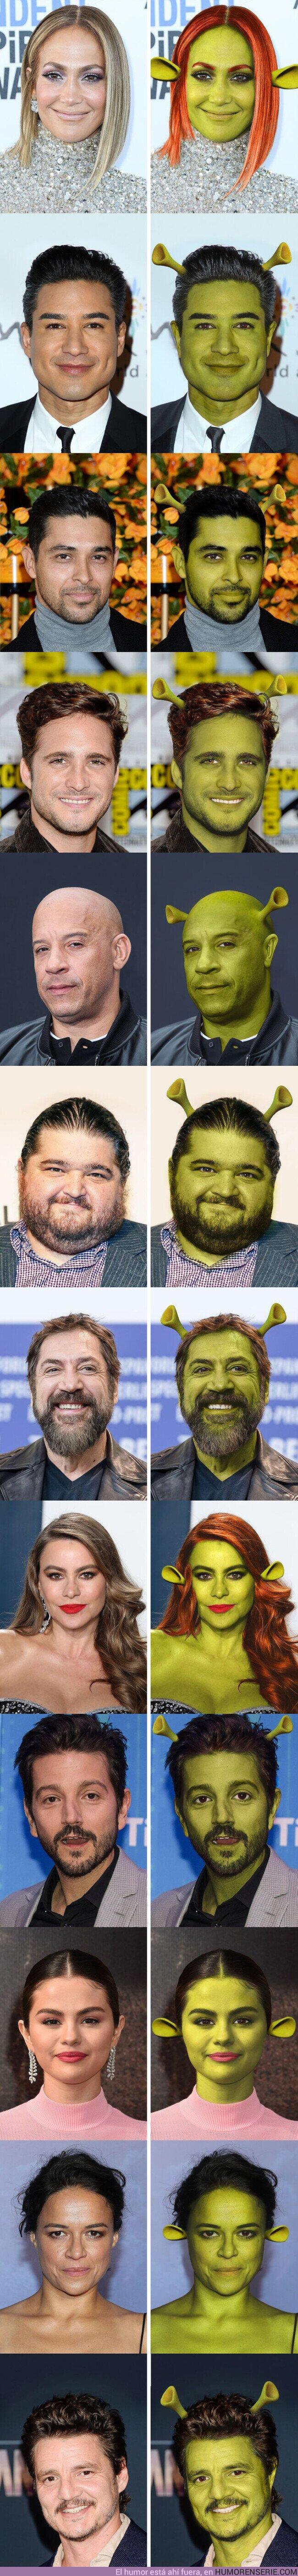 59921 - GALERÍA: Así lucirían 12 celebridades si fueran ogresas como Fiona (también hay varios como Shrek)